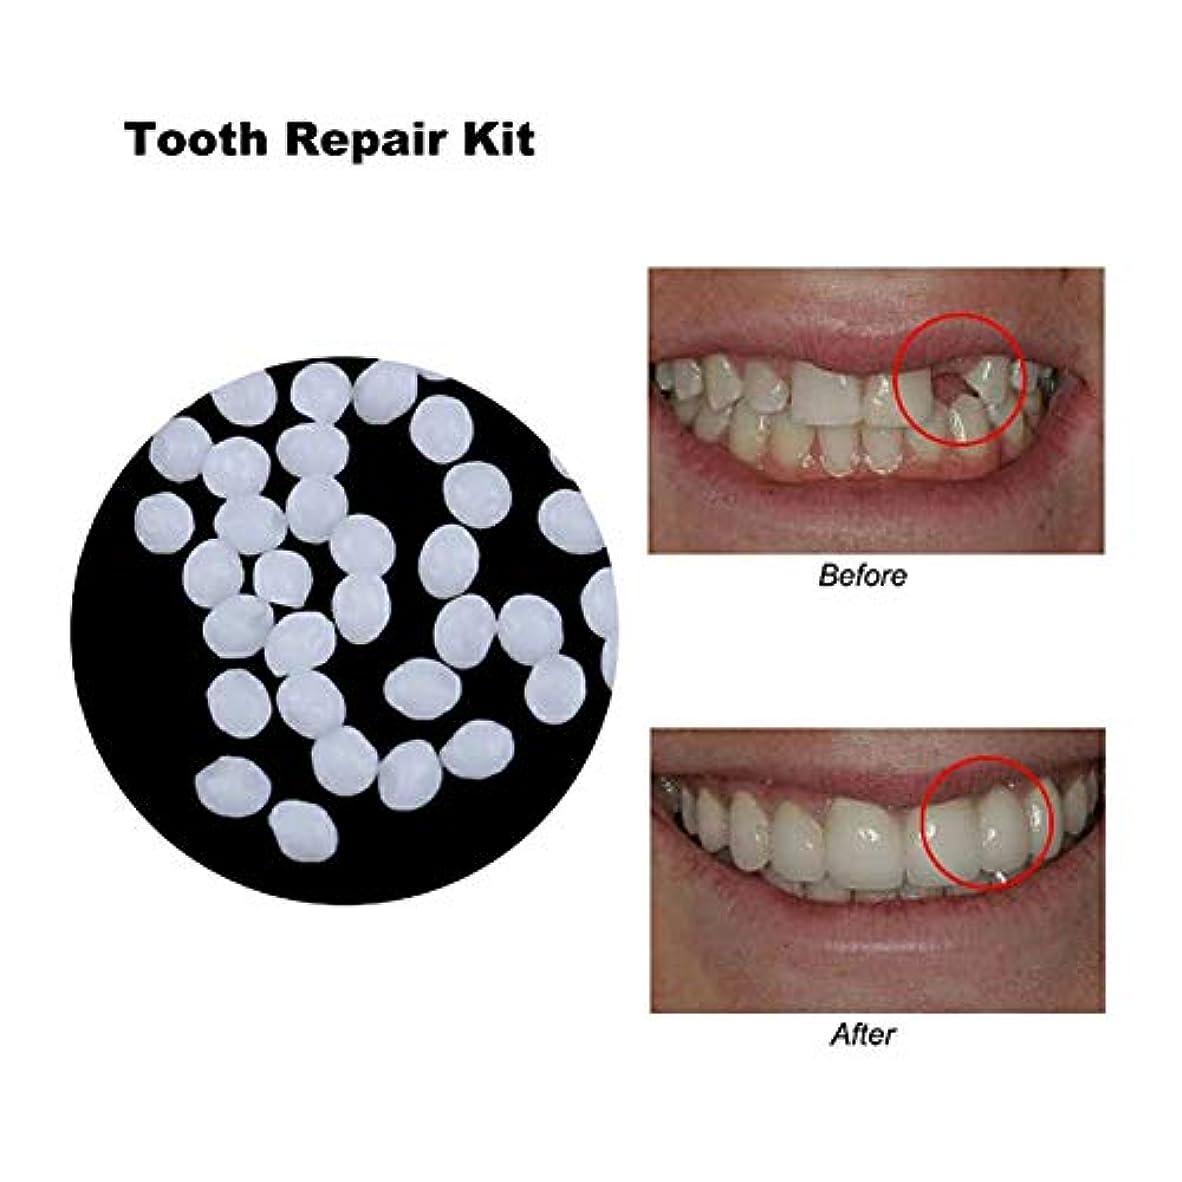 トライアスリート暴露傾向があります偽歯固体接着剤 - 樹脂の歯とギャップのための一時的な化粧品の歯の修復キットクリエイティブ義歯接着剤,20ml20g